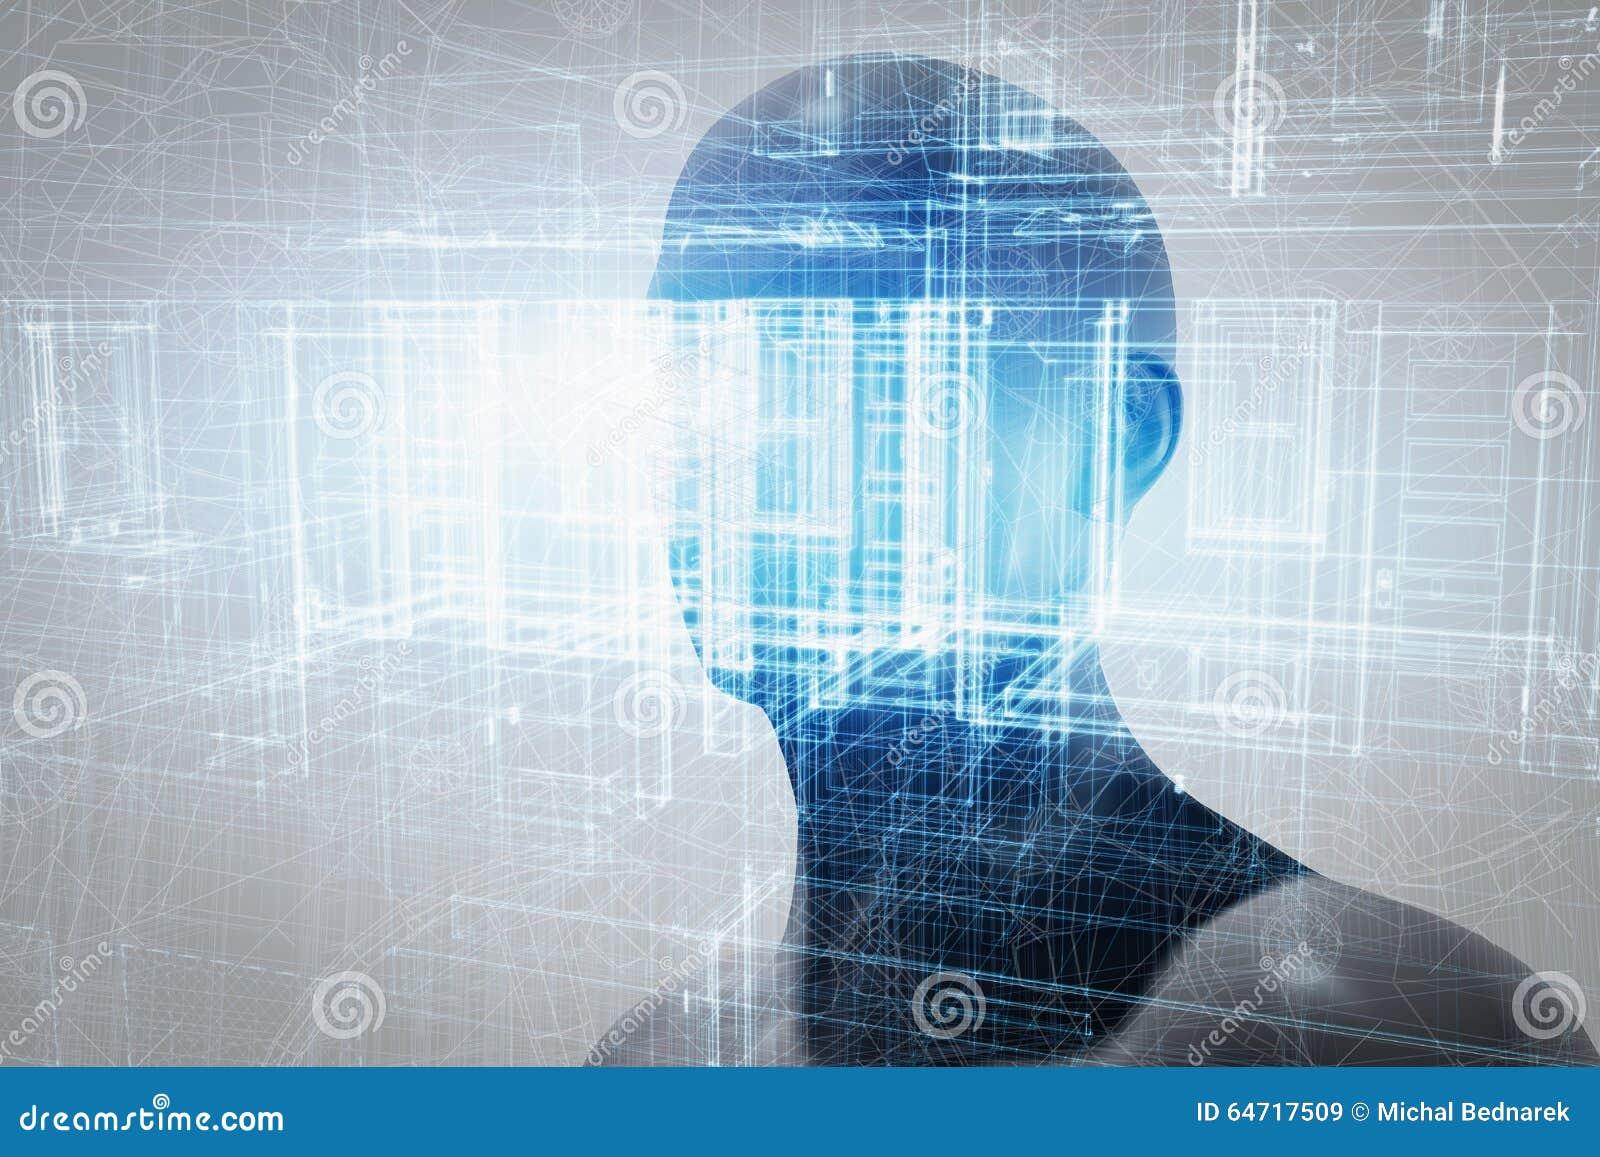 Projection de réalité virtuelle La future science avec la technologie moderne, intelligence artificielle